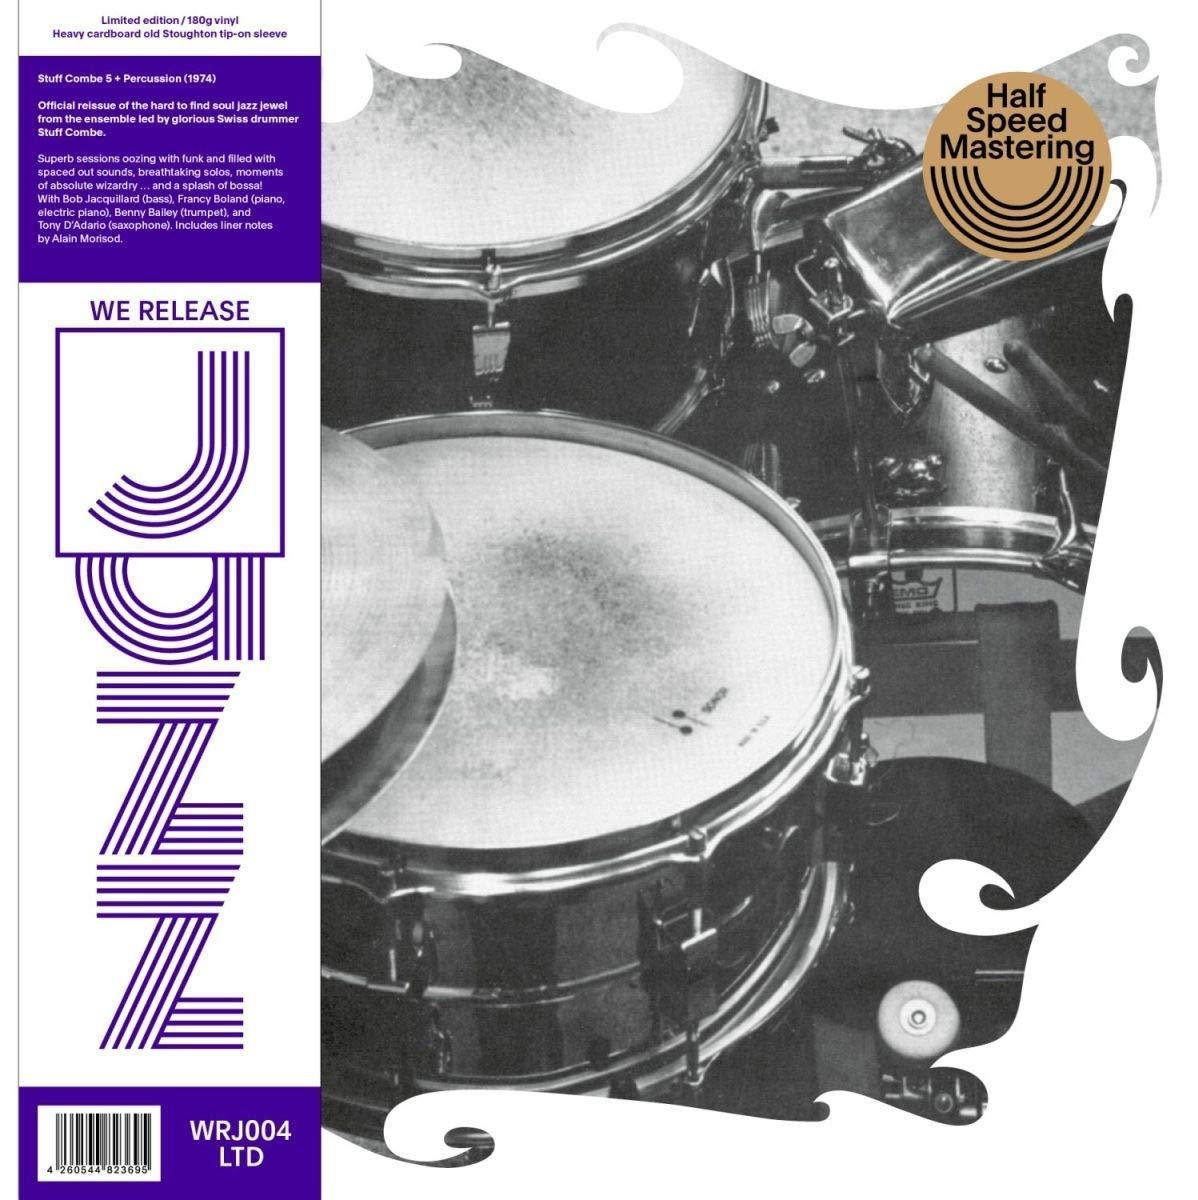 Vinilo : Stuff Combe - Stuff Combe 5 & Percussion (LP Vinyl)